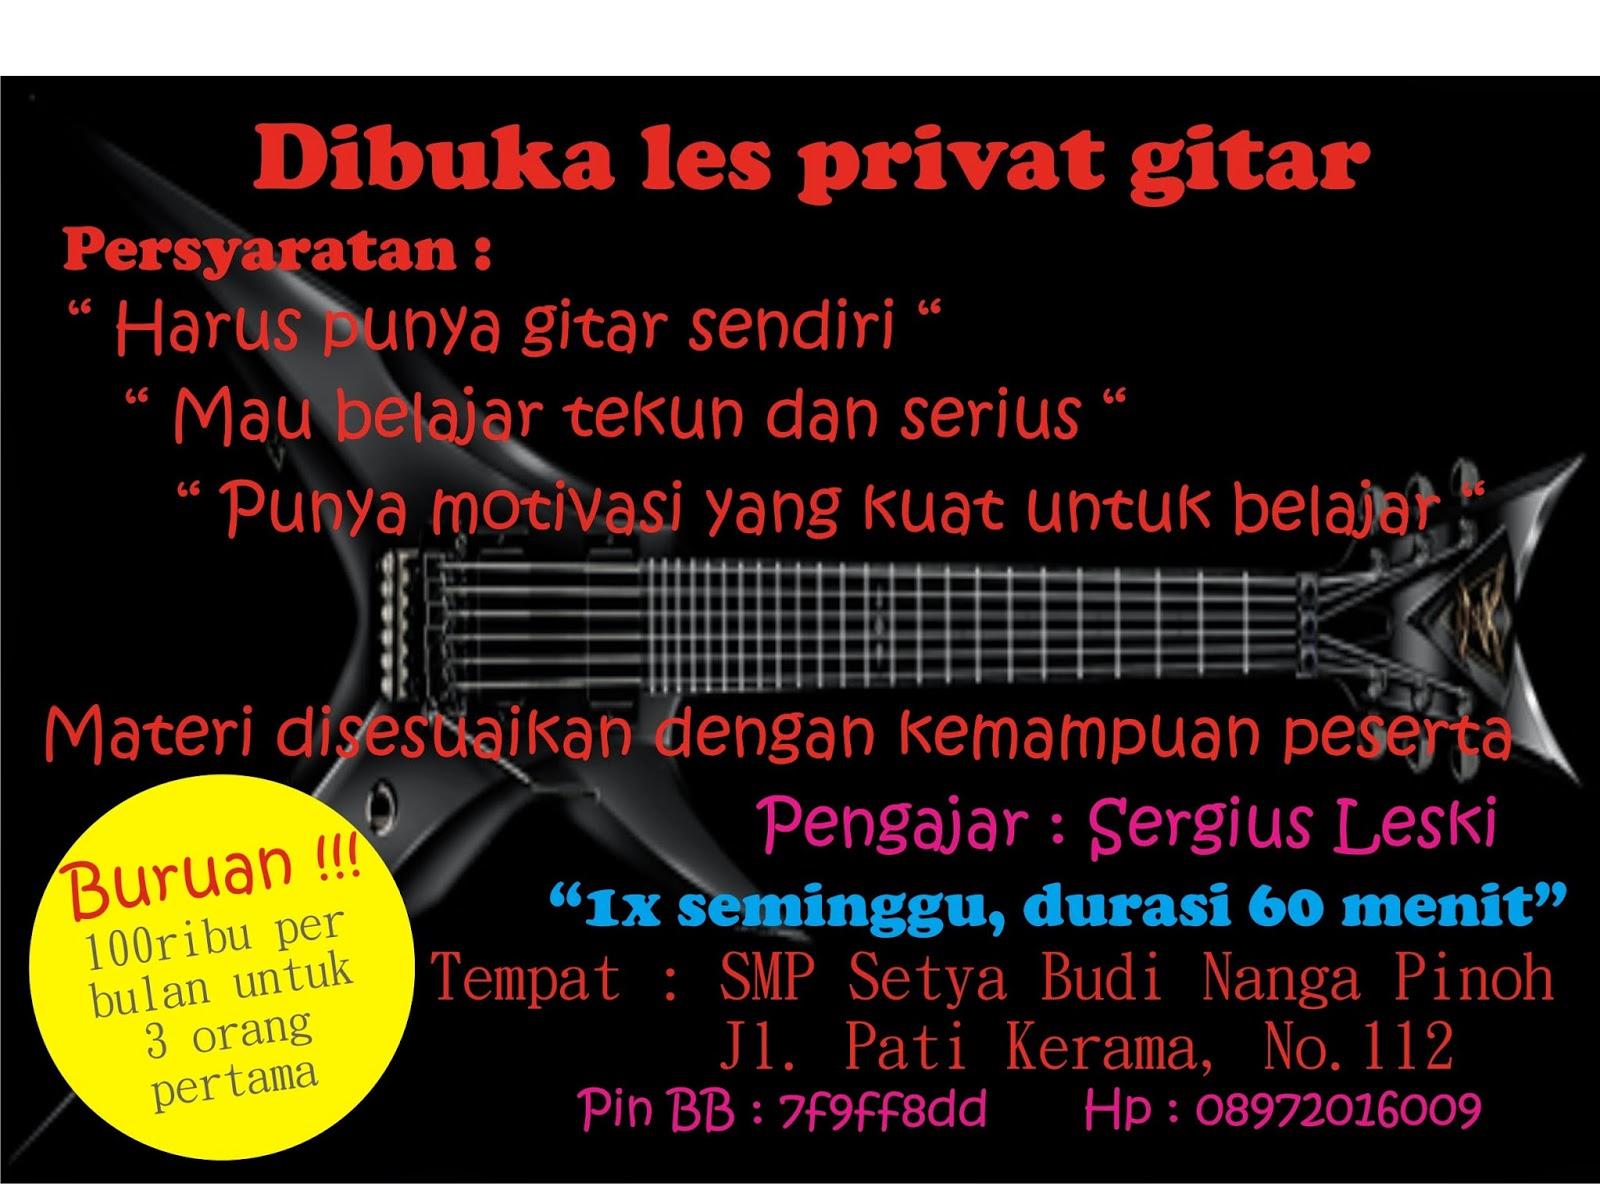 belajar gitar, belajar gitar akustik, belajar gitar pemula, les privat, les privat gitar,